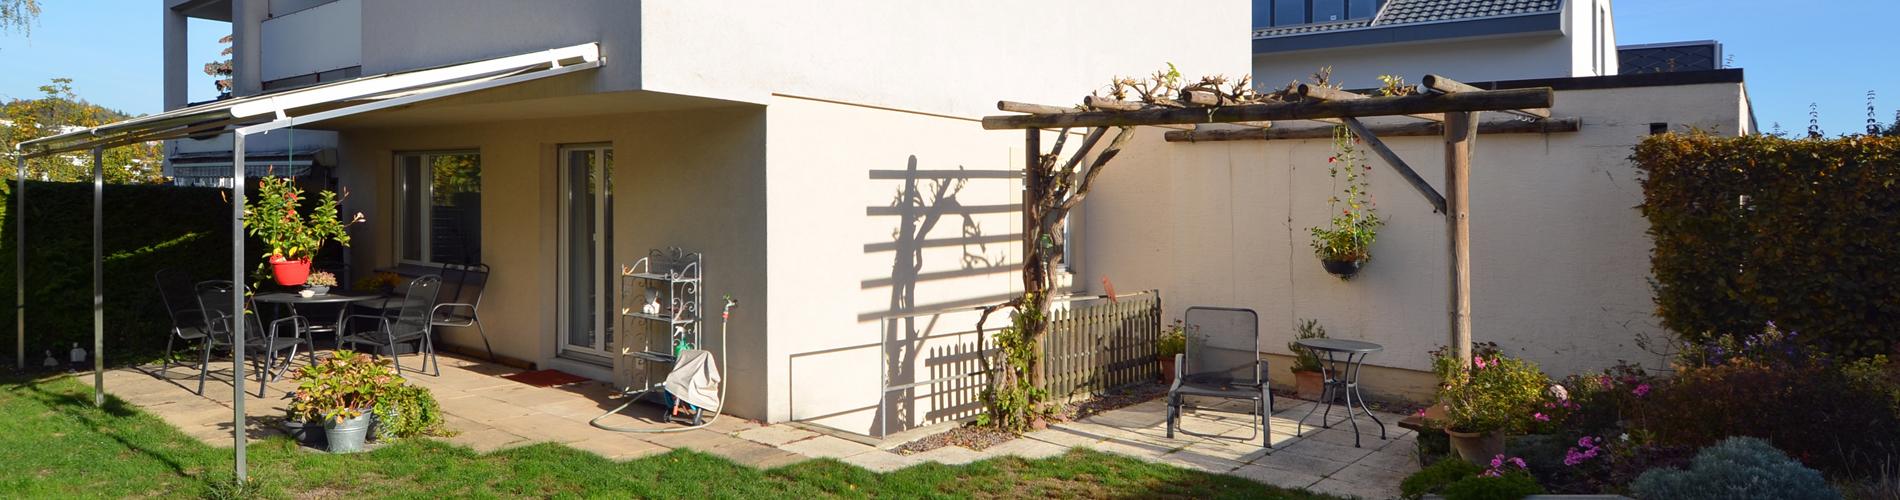 Familienfreundliches Einfamilienhaus an guter Lage in Bottmingen